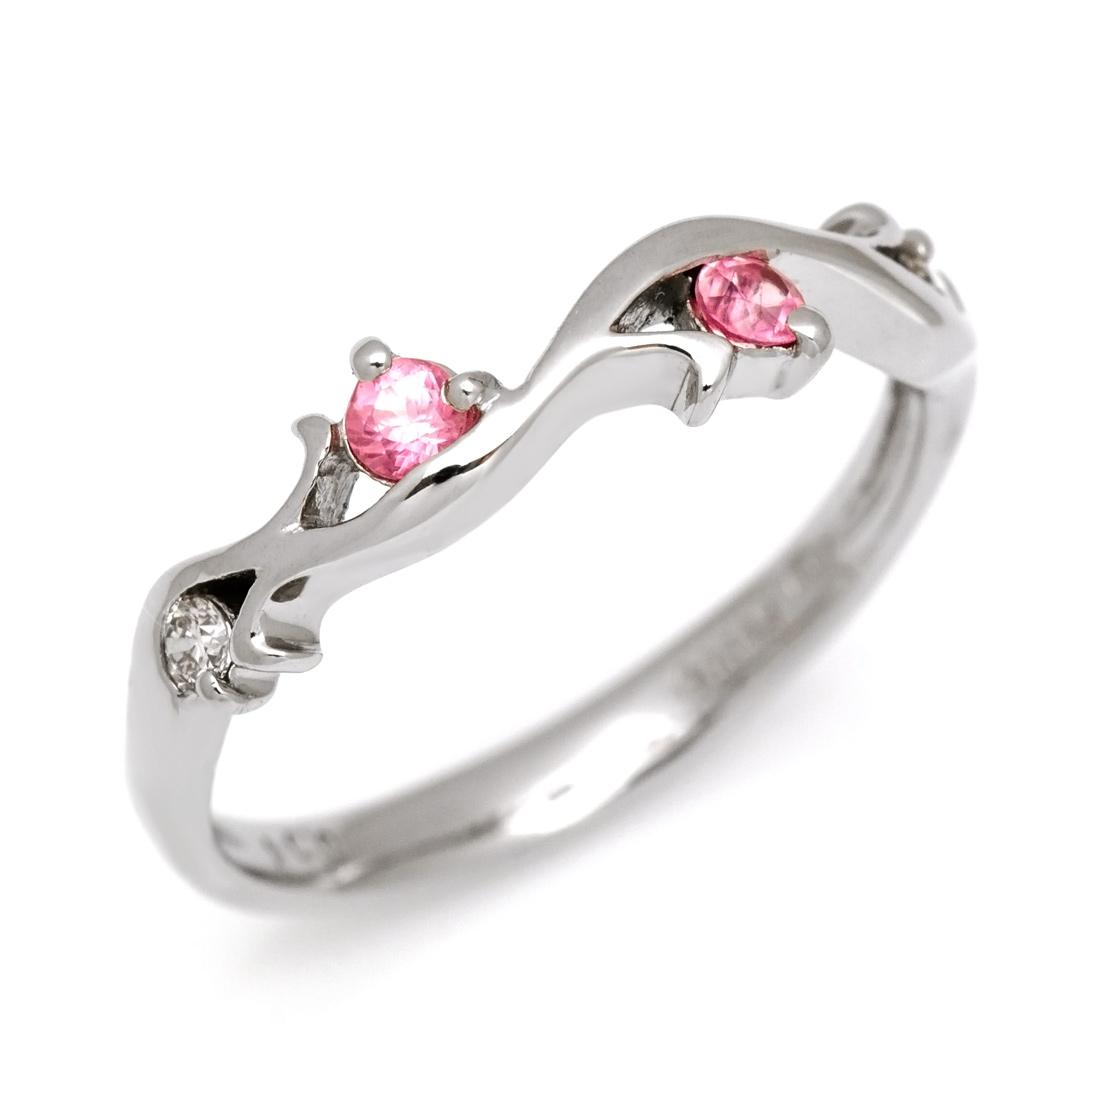 【即日発送可能】【9号】リング ロードクロサイト ダイヤモンド プラチナ900 PT900